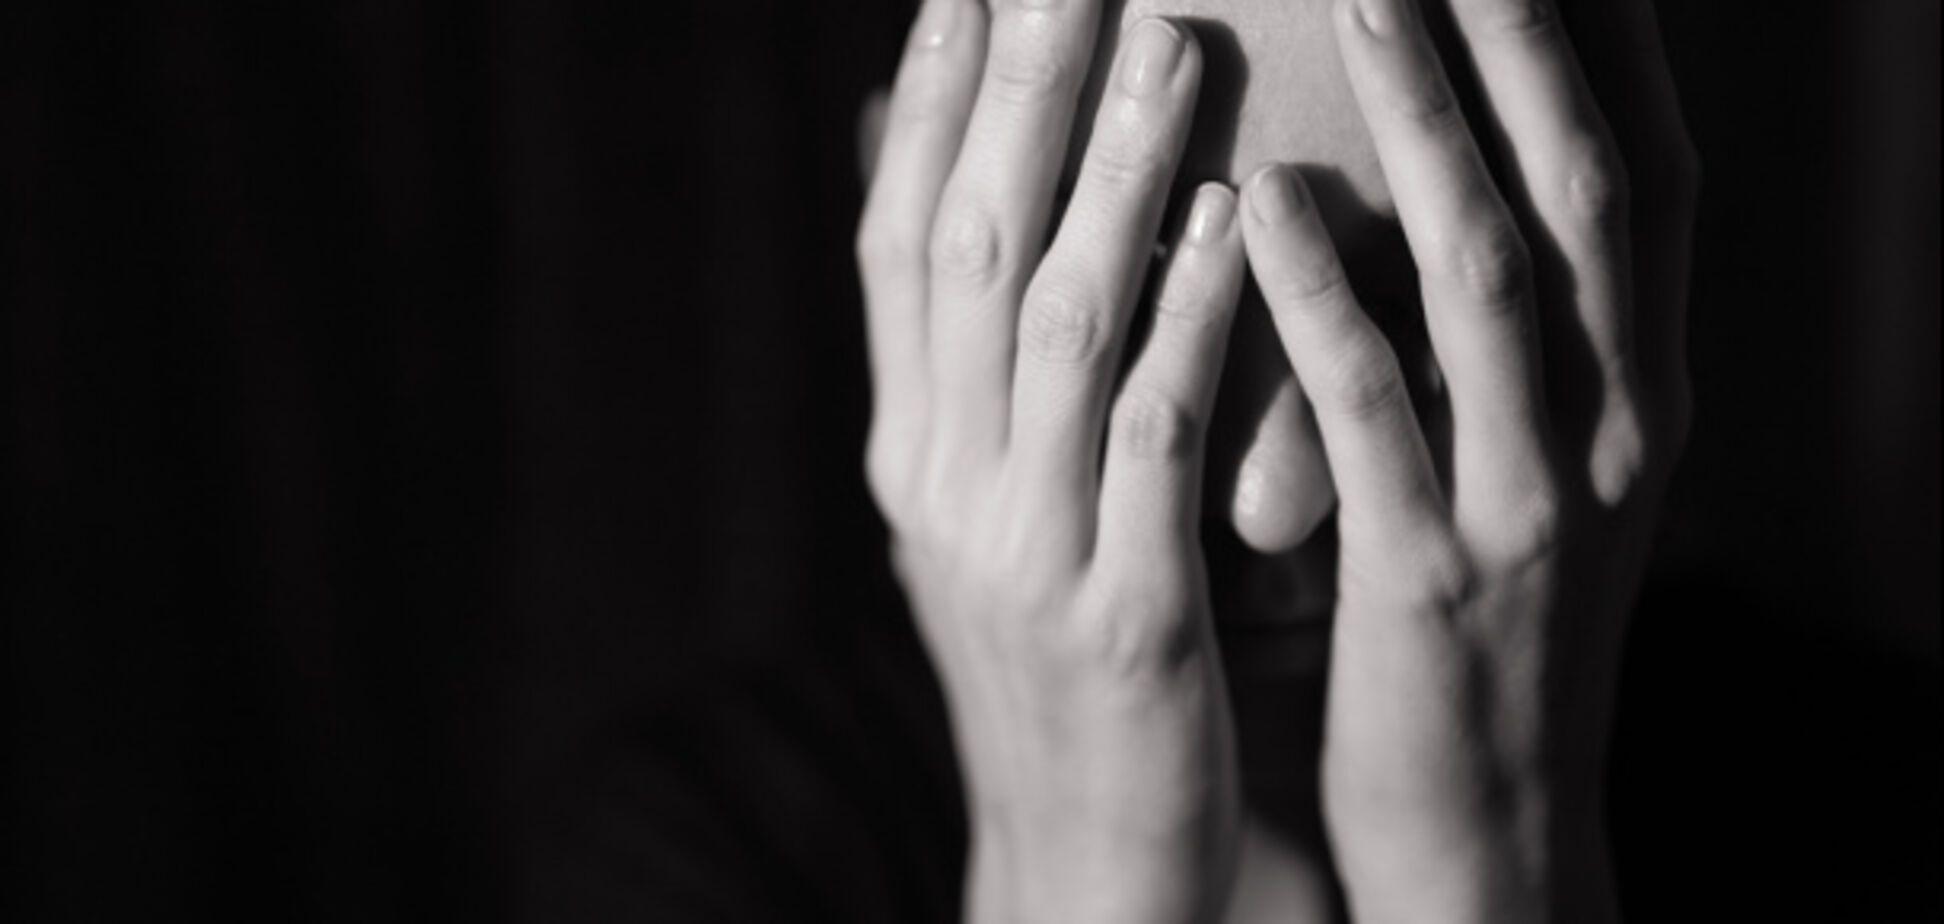 Не только изнасиловал: в прокуратуре рассказали о трагедии со школьницей в Киеве